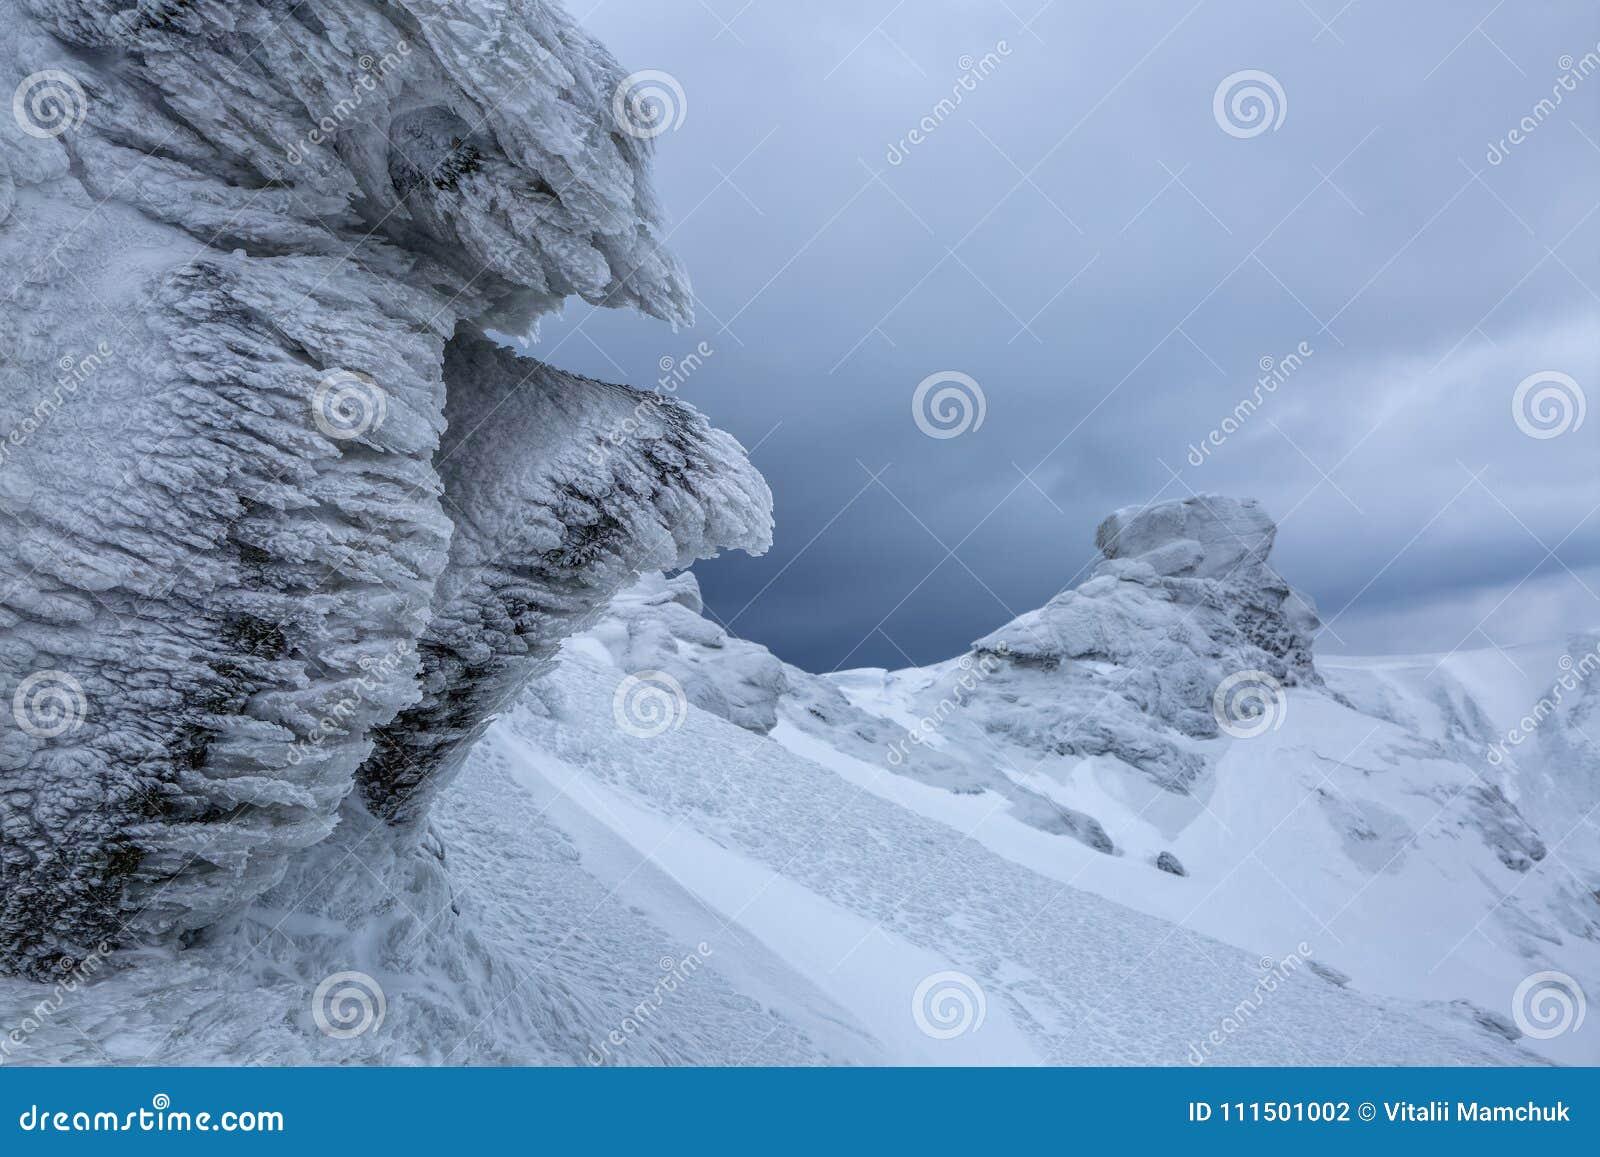 Загадочные фантастические утесы, который замерли с льдом и снегом странных форм и структур сказок Время для touristic приключений